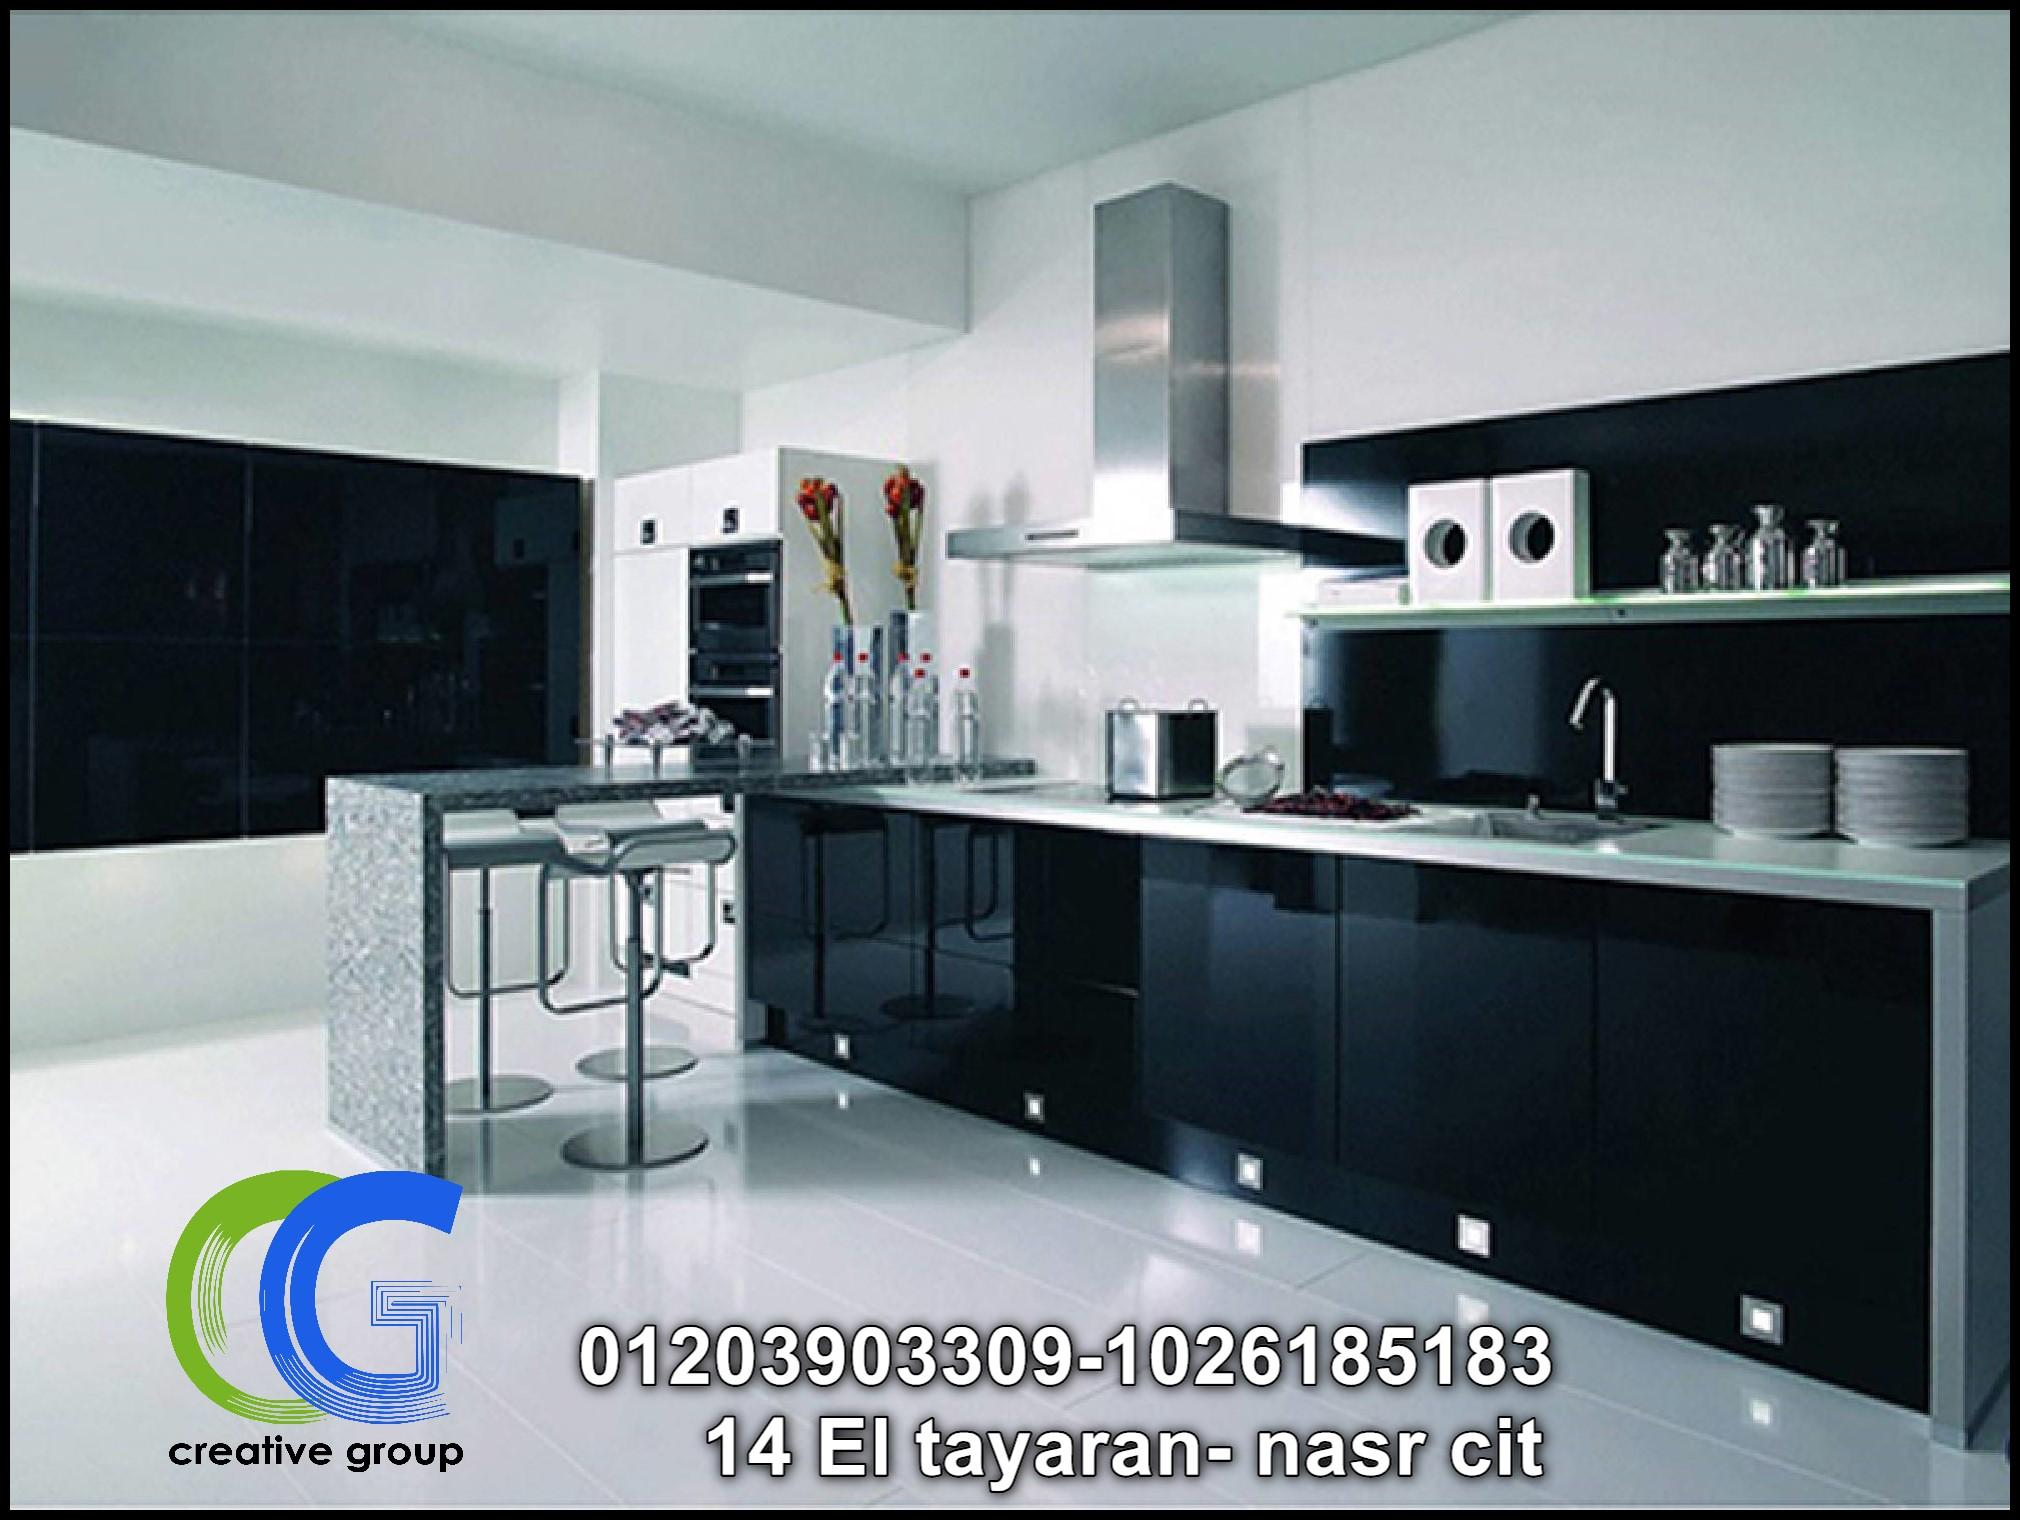 افضل شركات مطابخ فى مصر - ارخص سعر 01203903309 693419877